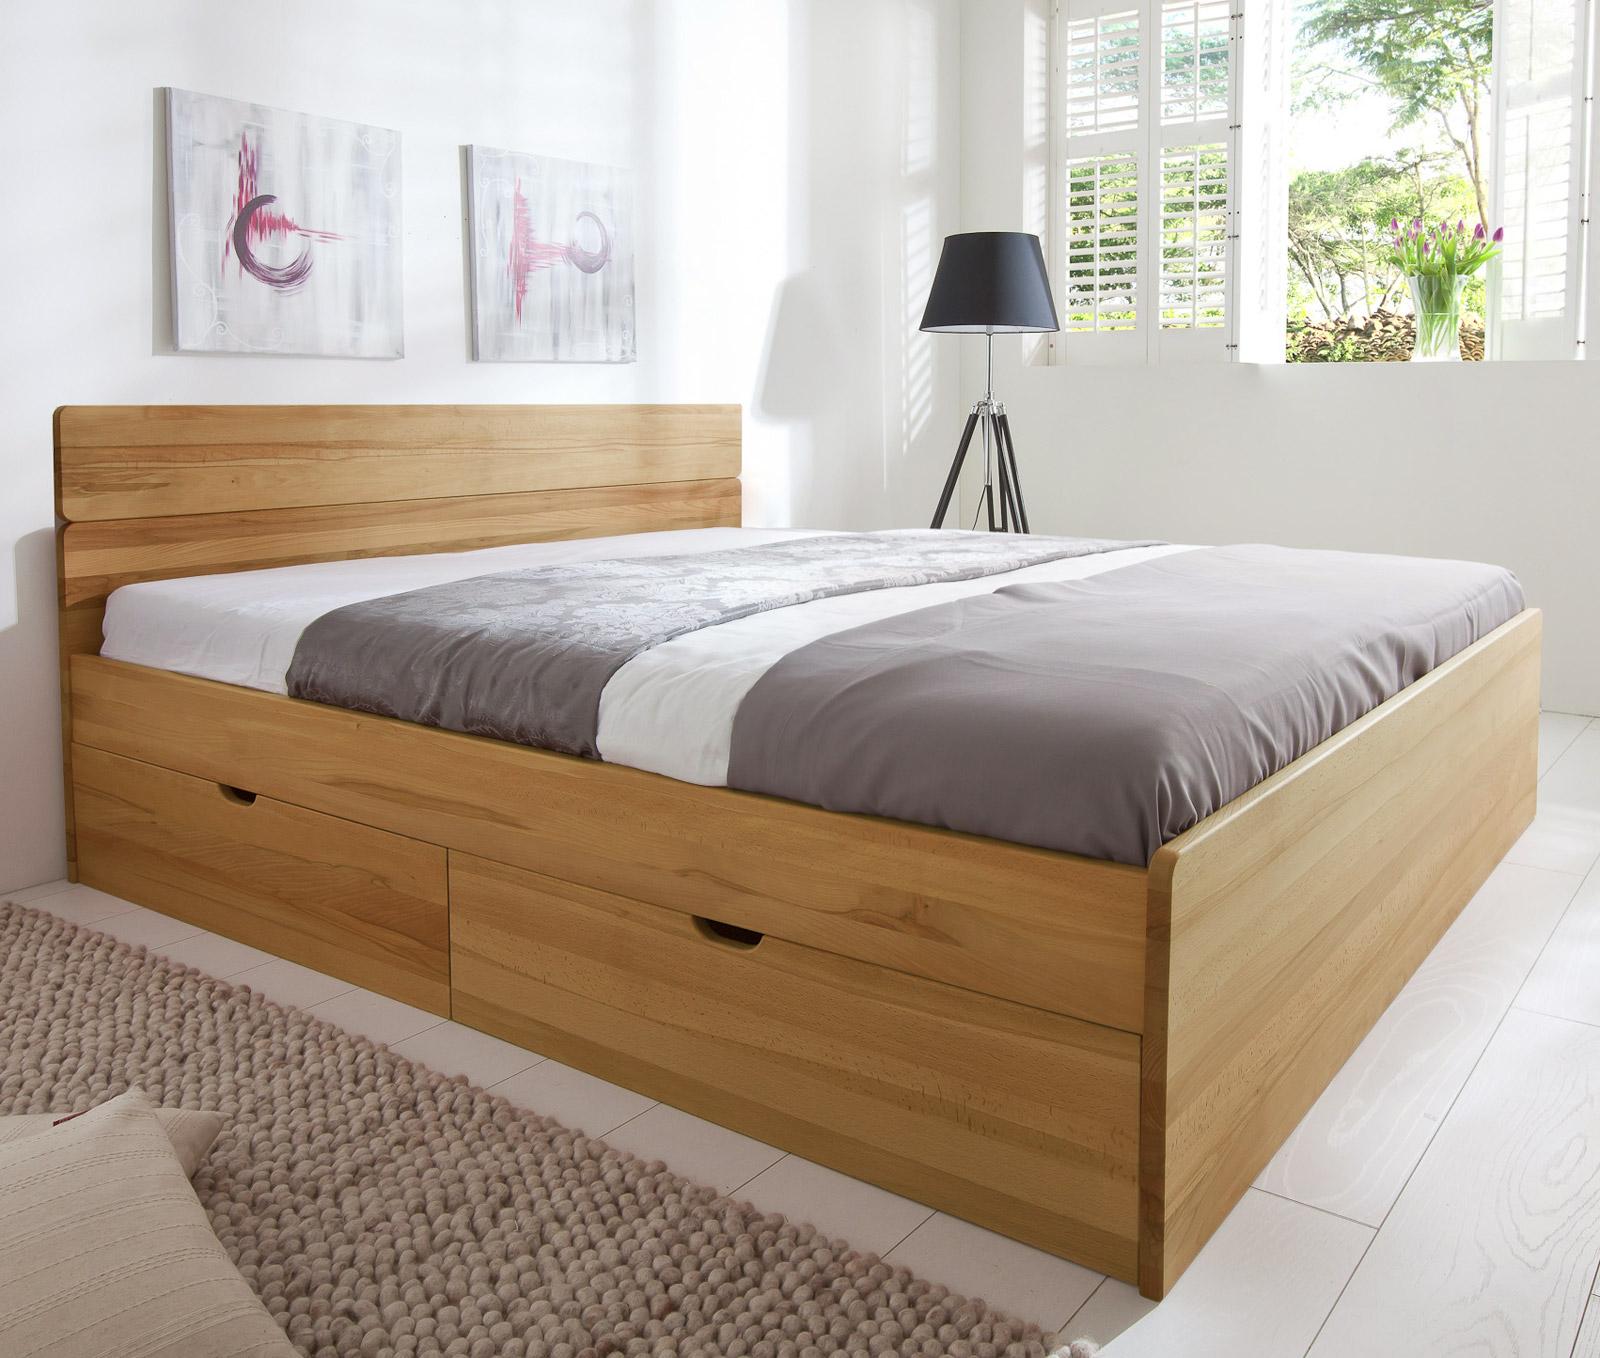 Full Size of Betten Mit Stauraum Stauraumbetten Gnstig Kaufen Bettende 200x200 Bett Weiß Komforthöhe Bettkasten Wohnzimmer Stauraumbett 200x200